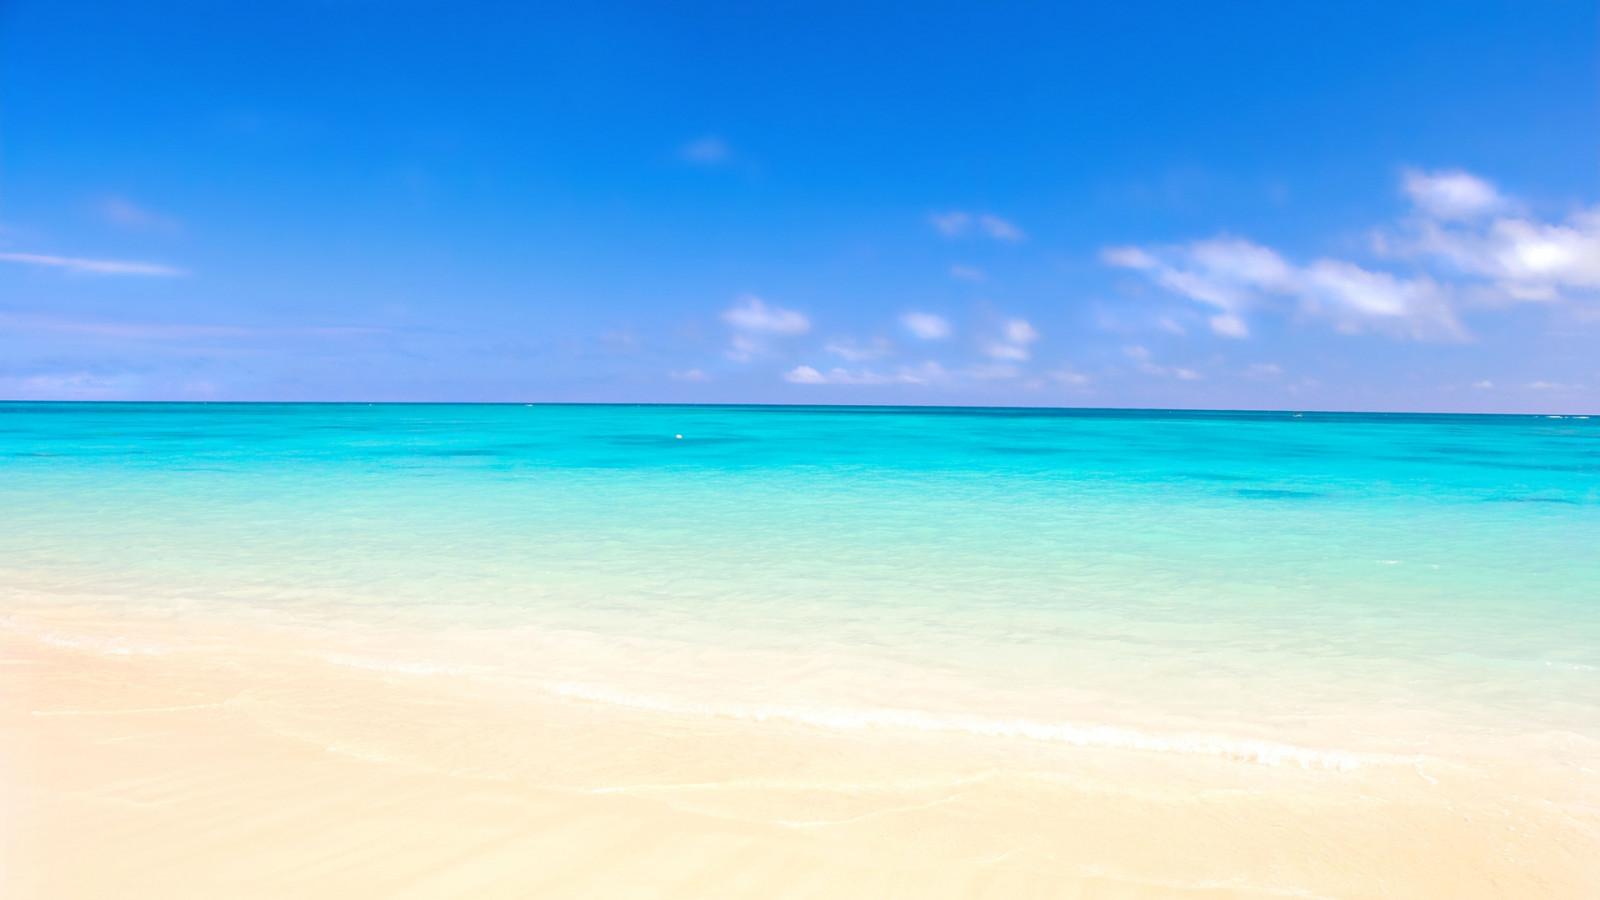 wallpaper ocean sand beach